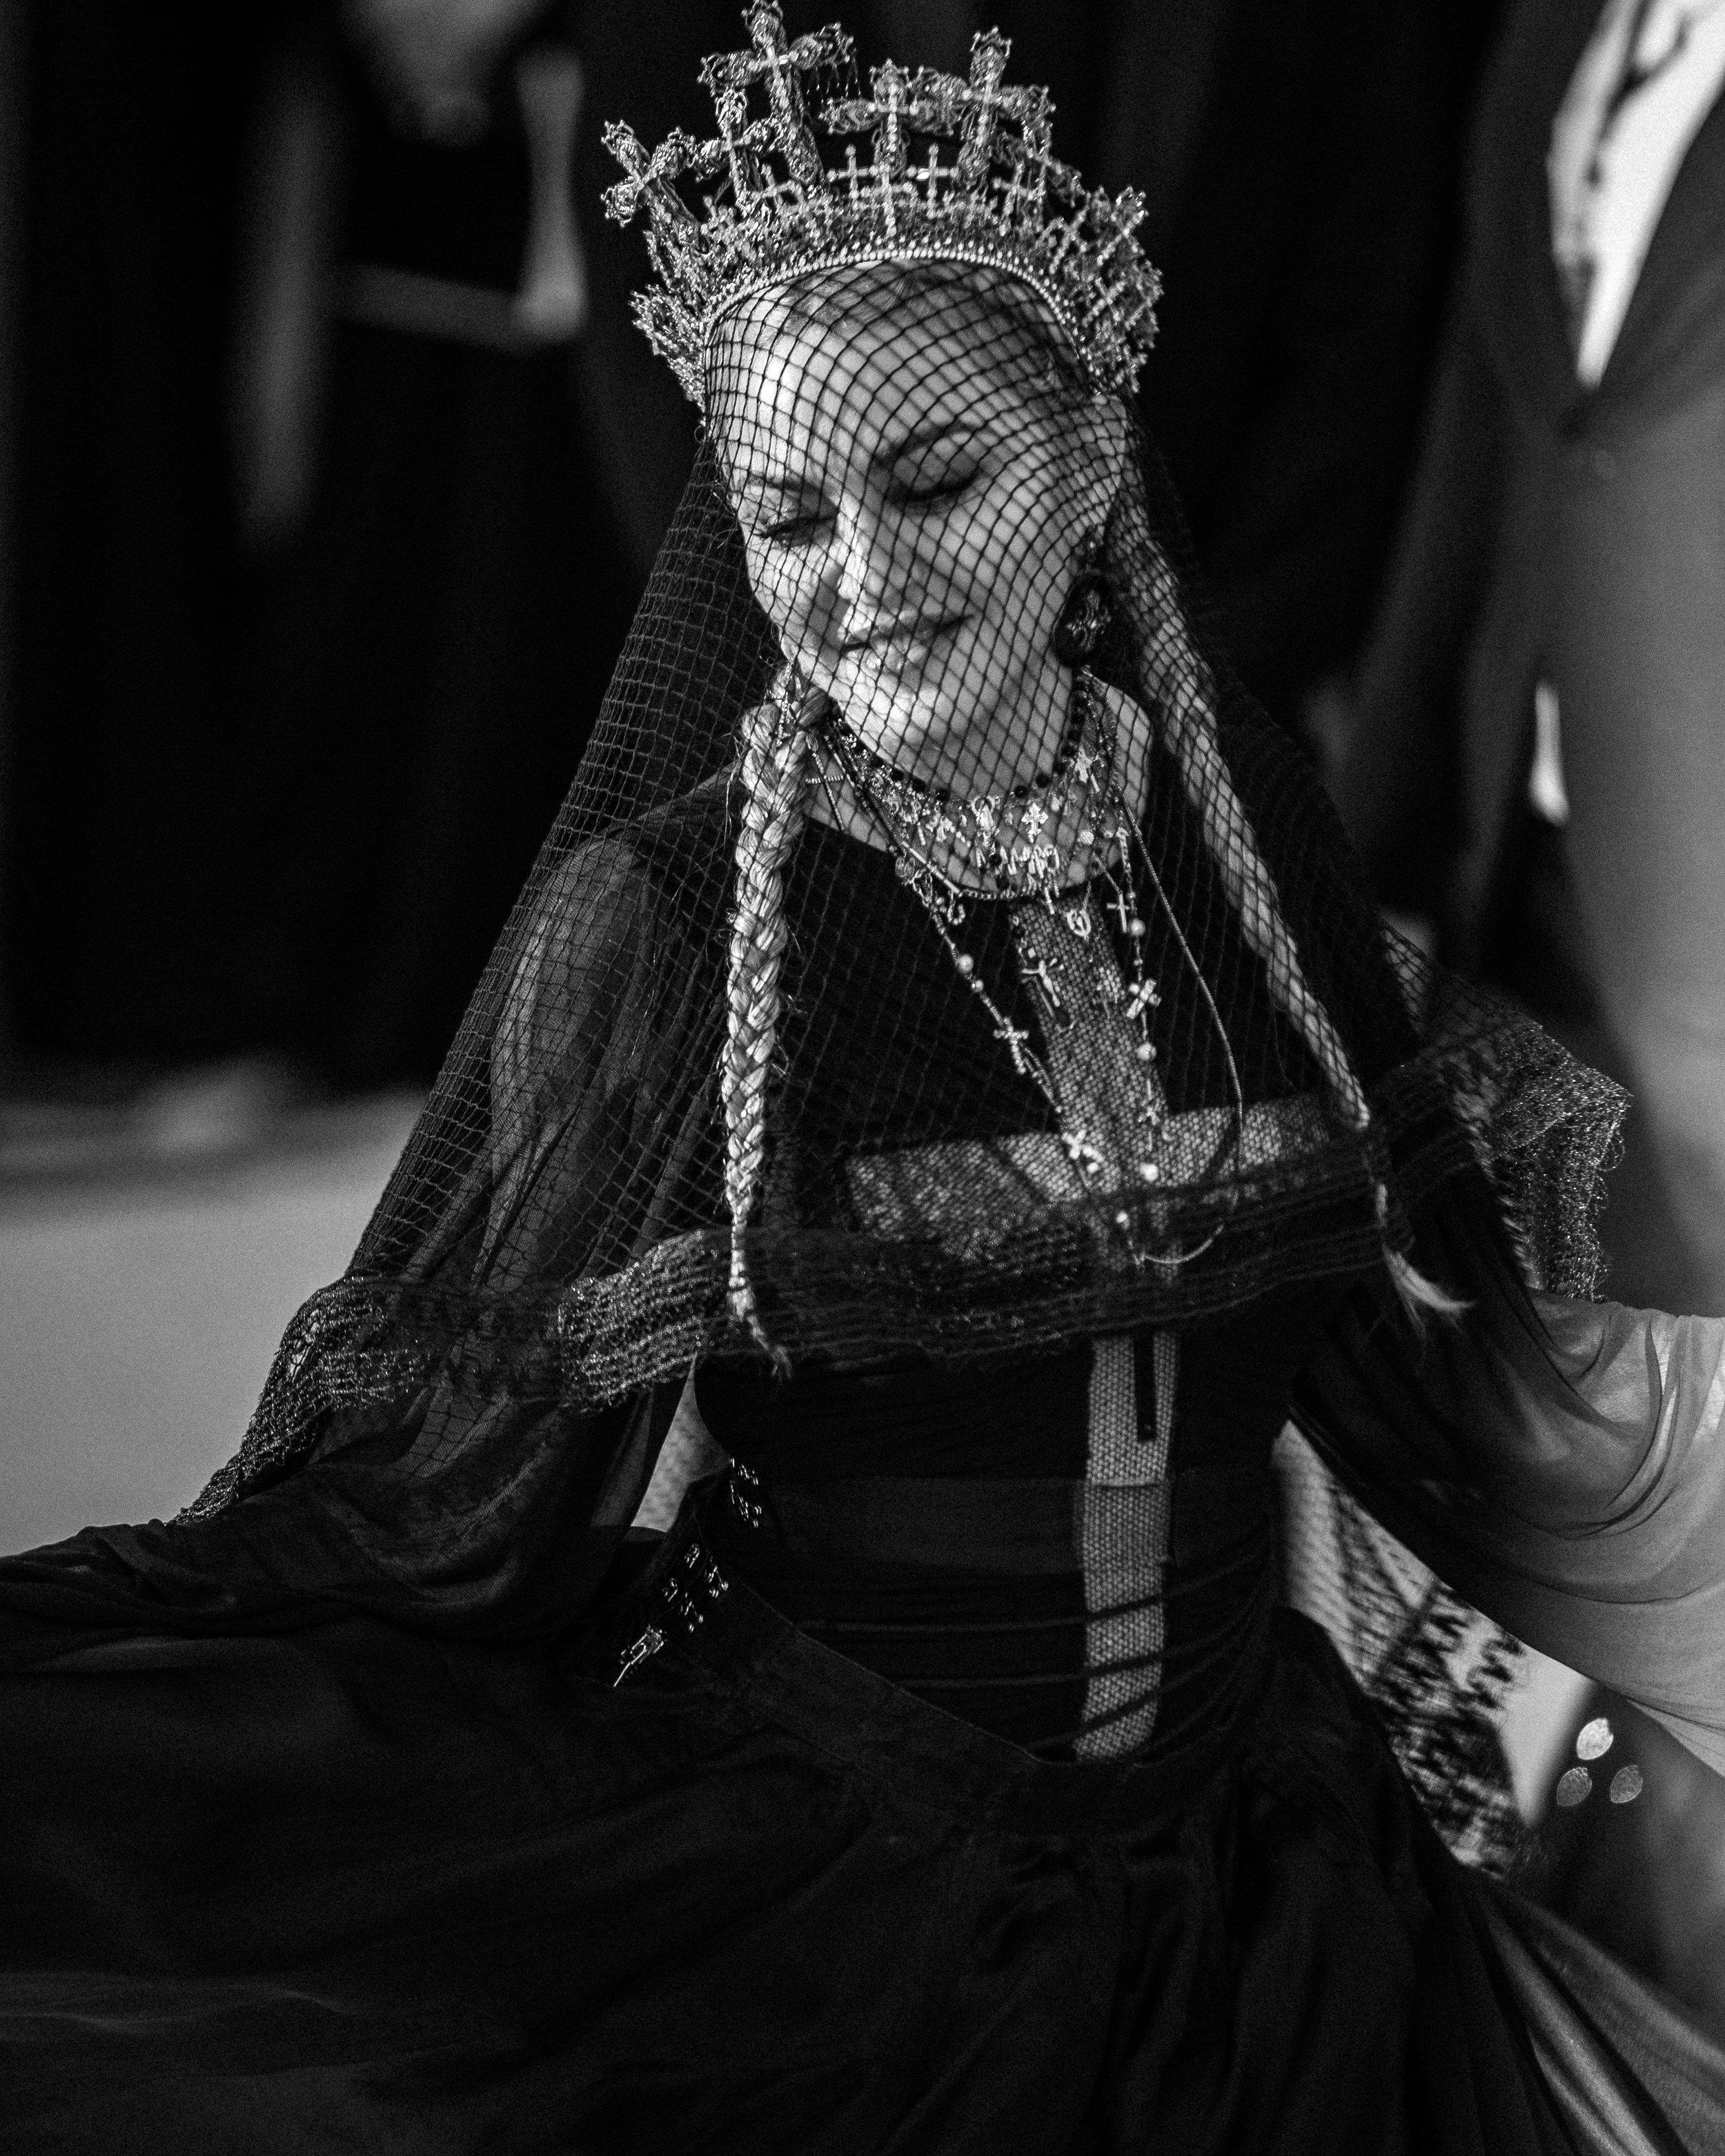 Madonna at the 2018 Met Gala. Photograph by Siyu Tang.